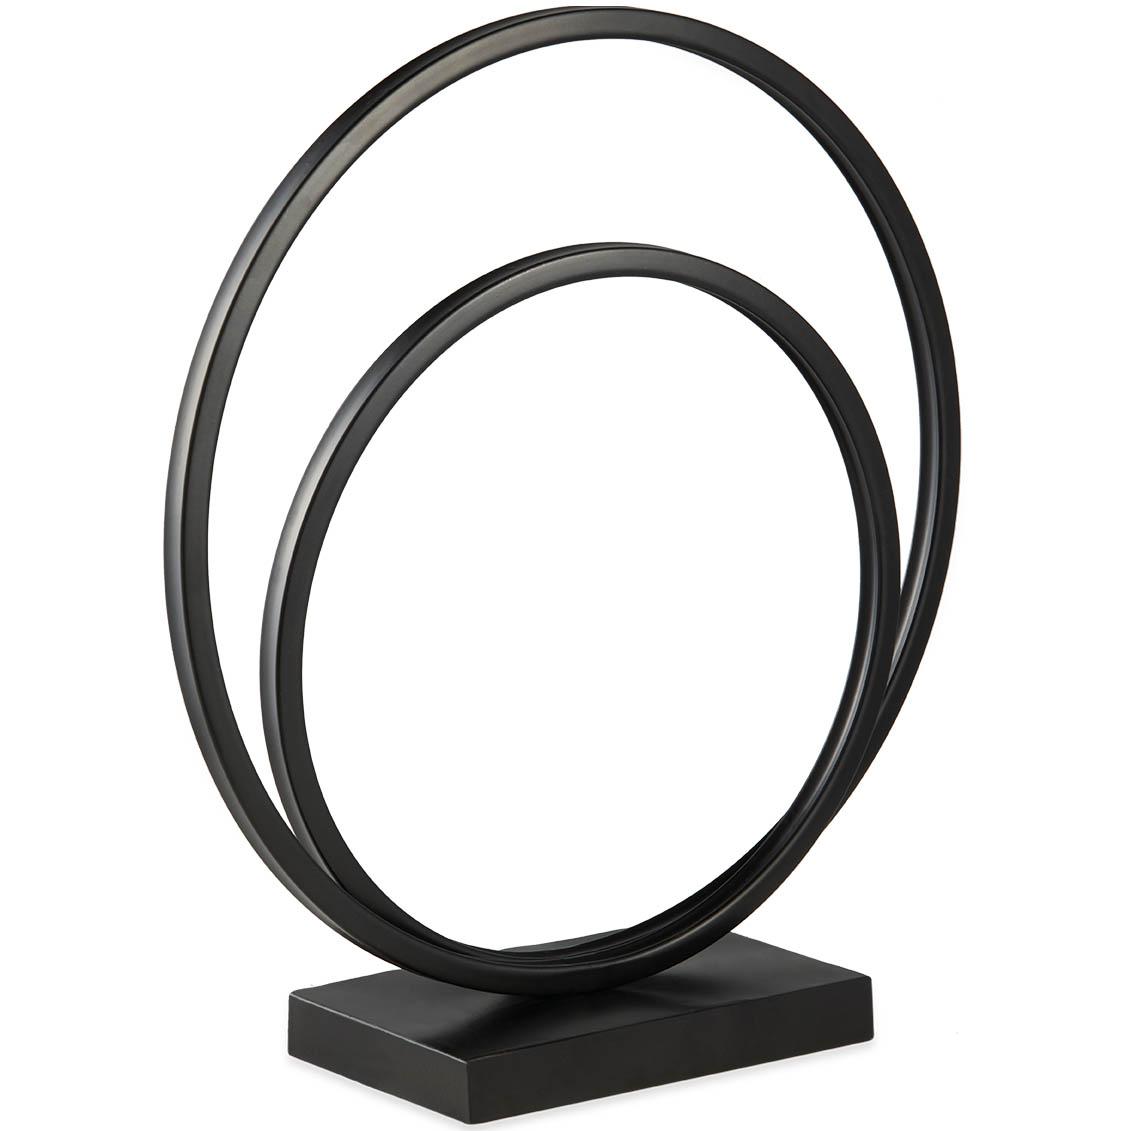 Escultura  double circle em metal preto